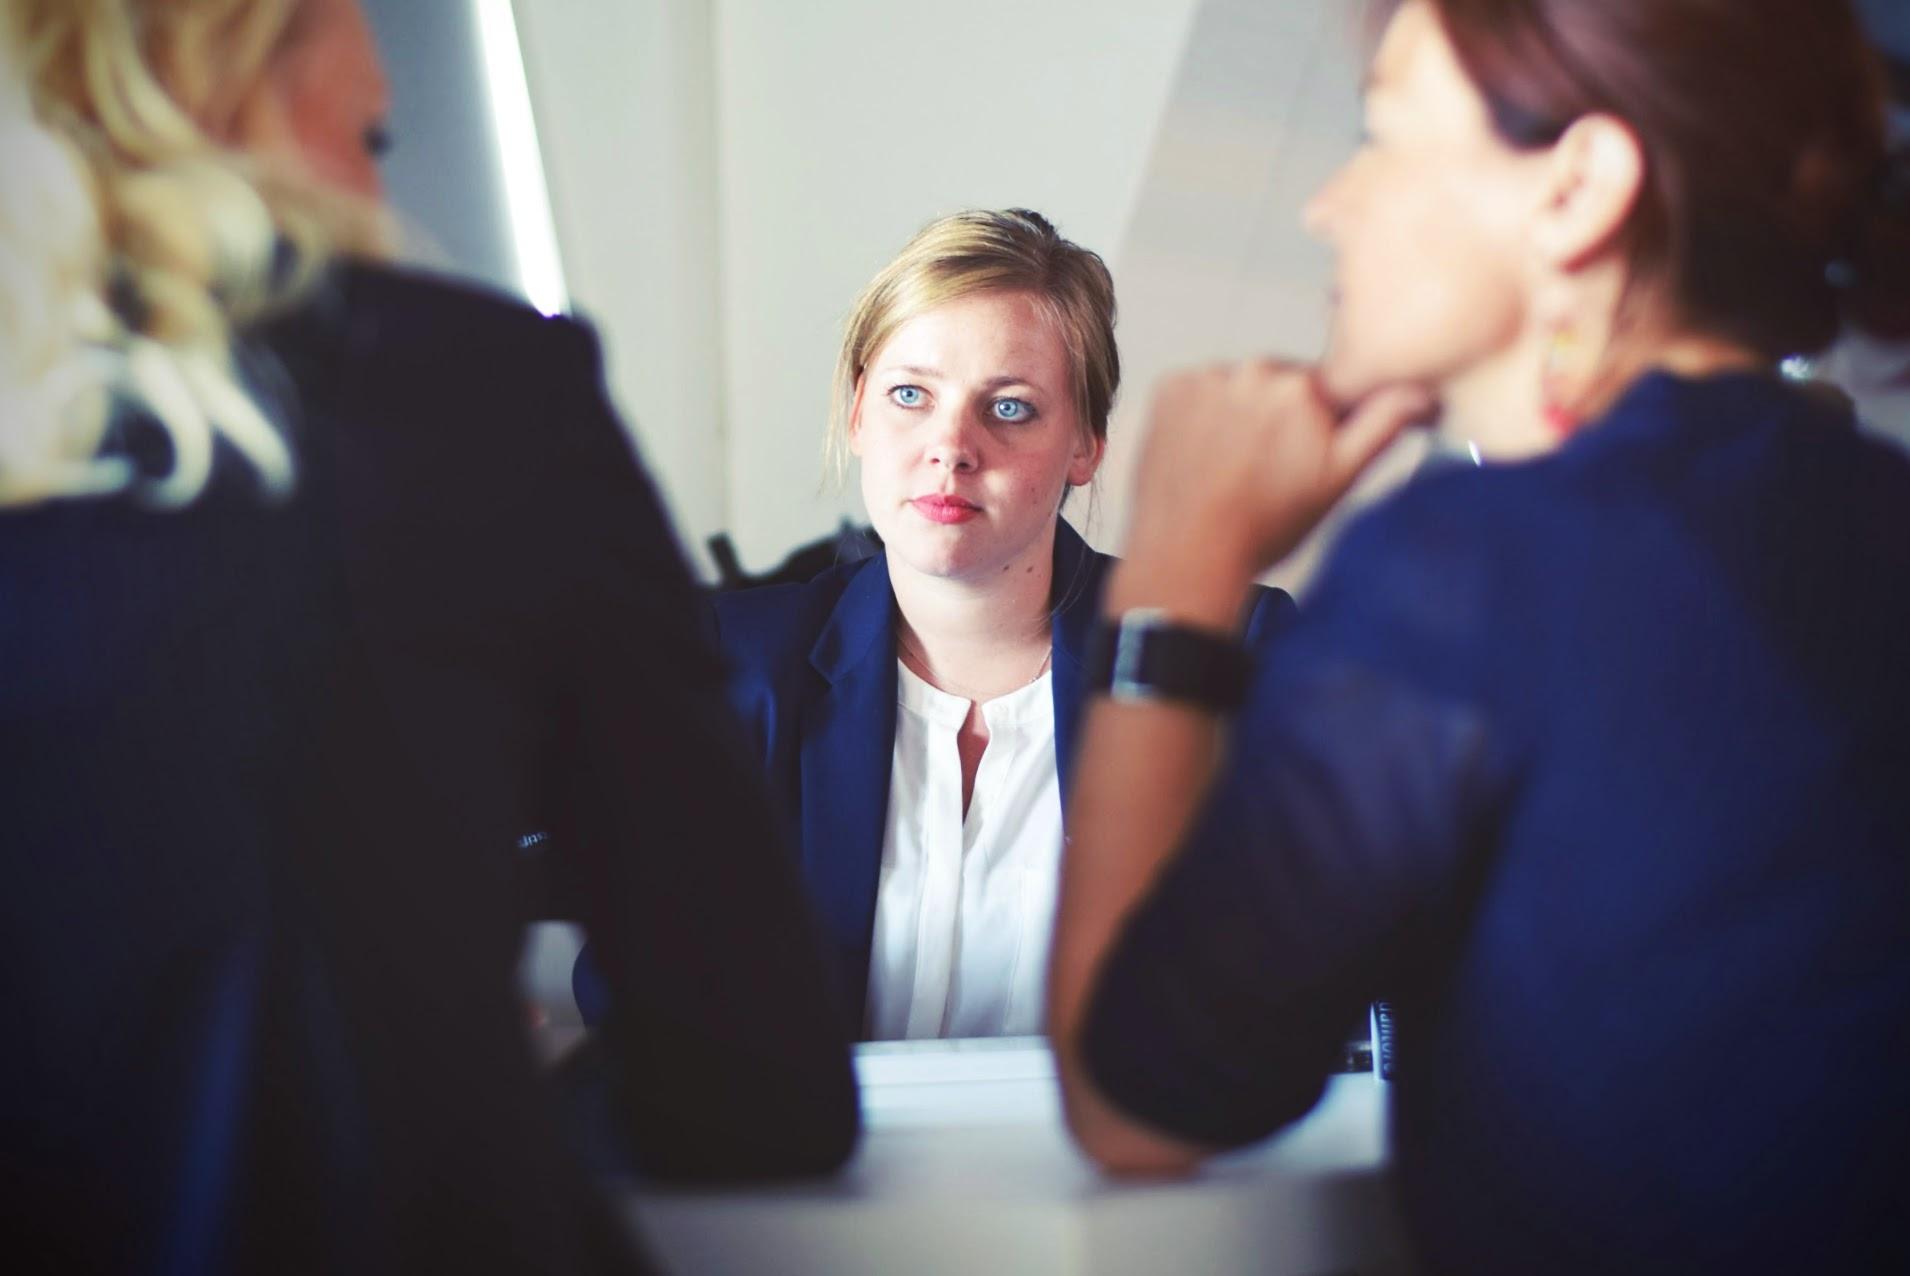 Comment bien se préparer à la question piège du pire défaut en entrevue